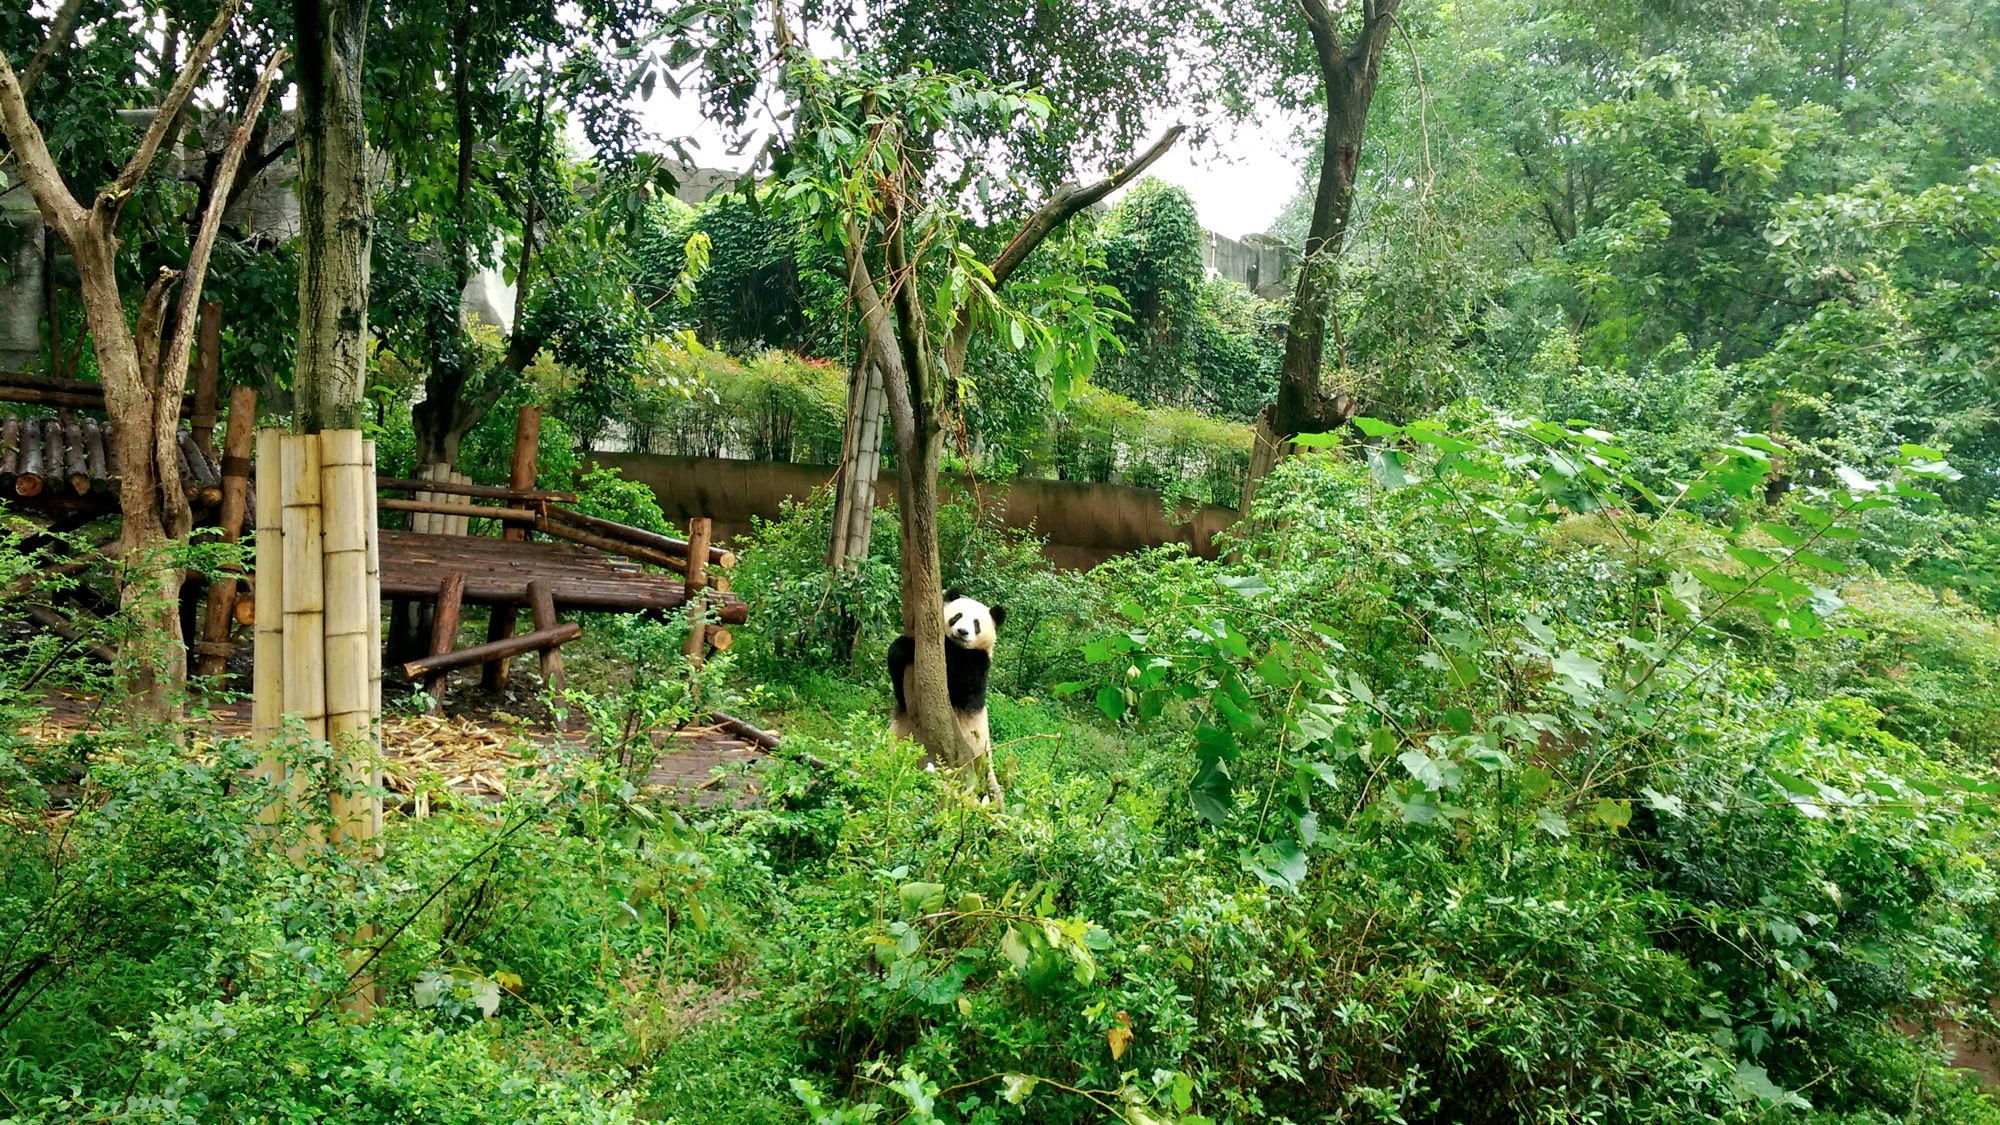 Cute panda climbing a tree on the Full-Day Panda Hometown tour in Chengdu, China